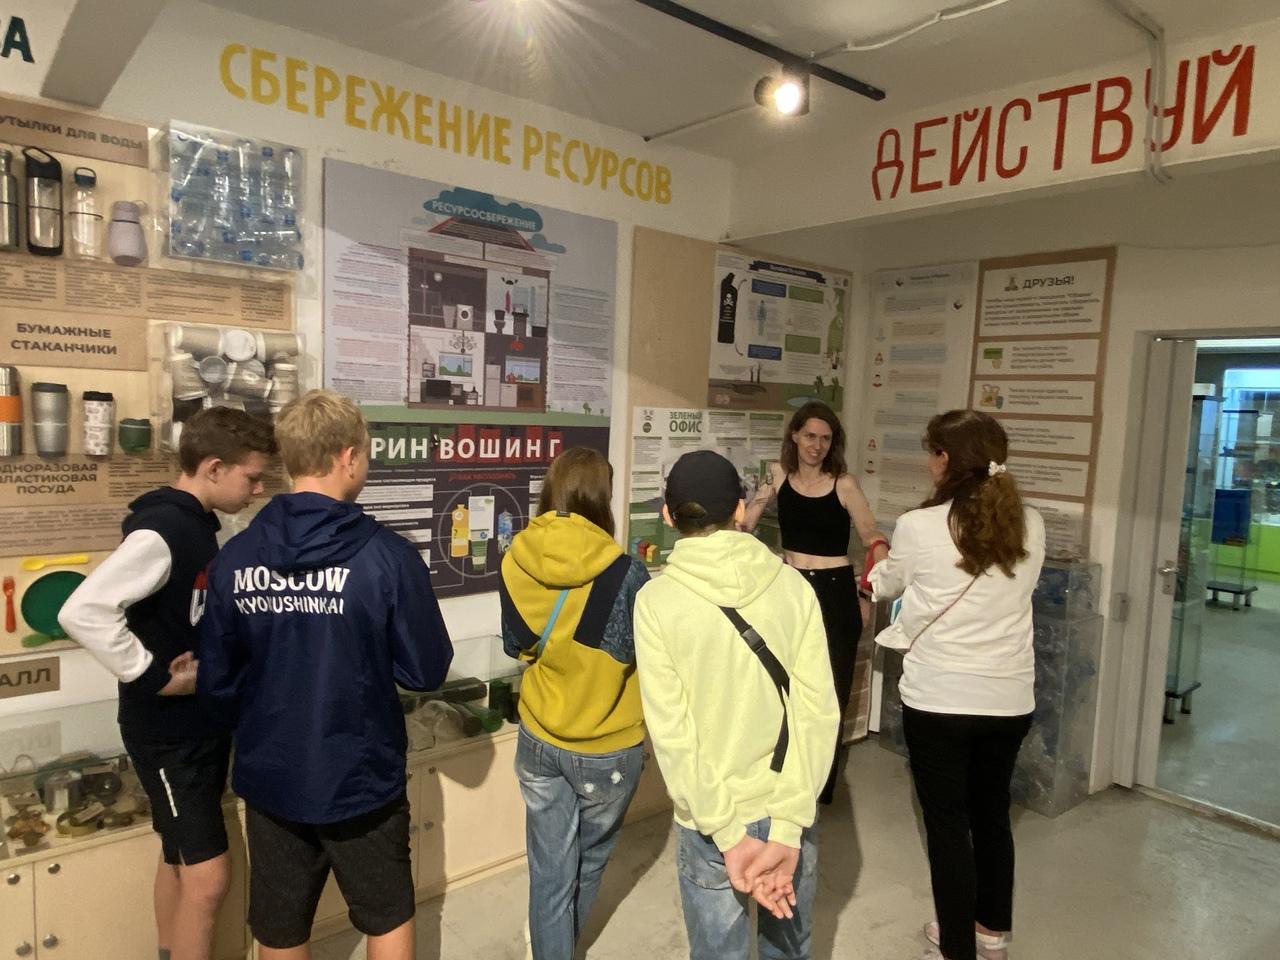 Весь август мы проводили экскурсии по нашему музею переработки и Экоцентру для многодетных семей